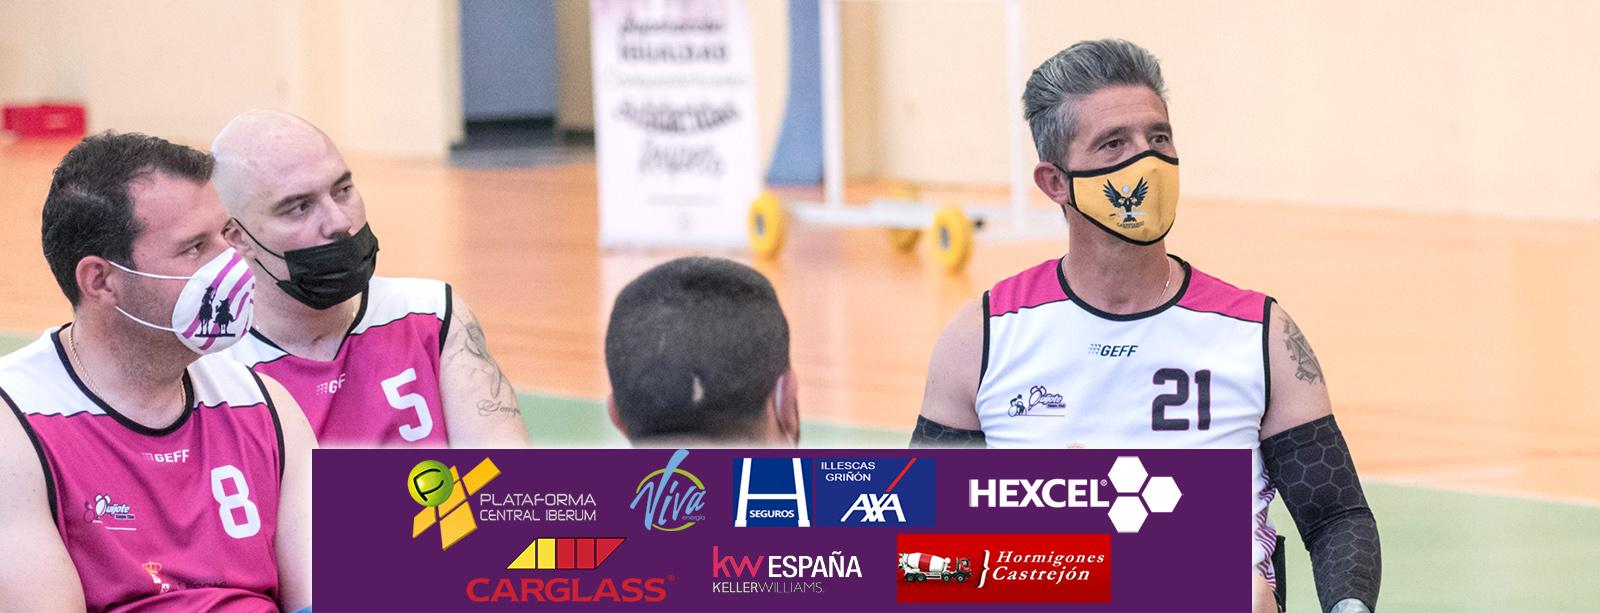 Entrevista a Quijote Quad en Onda Numancia Radio